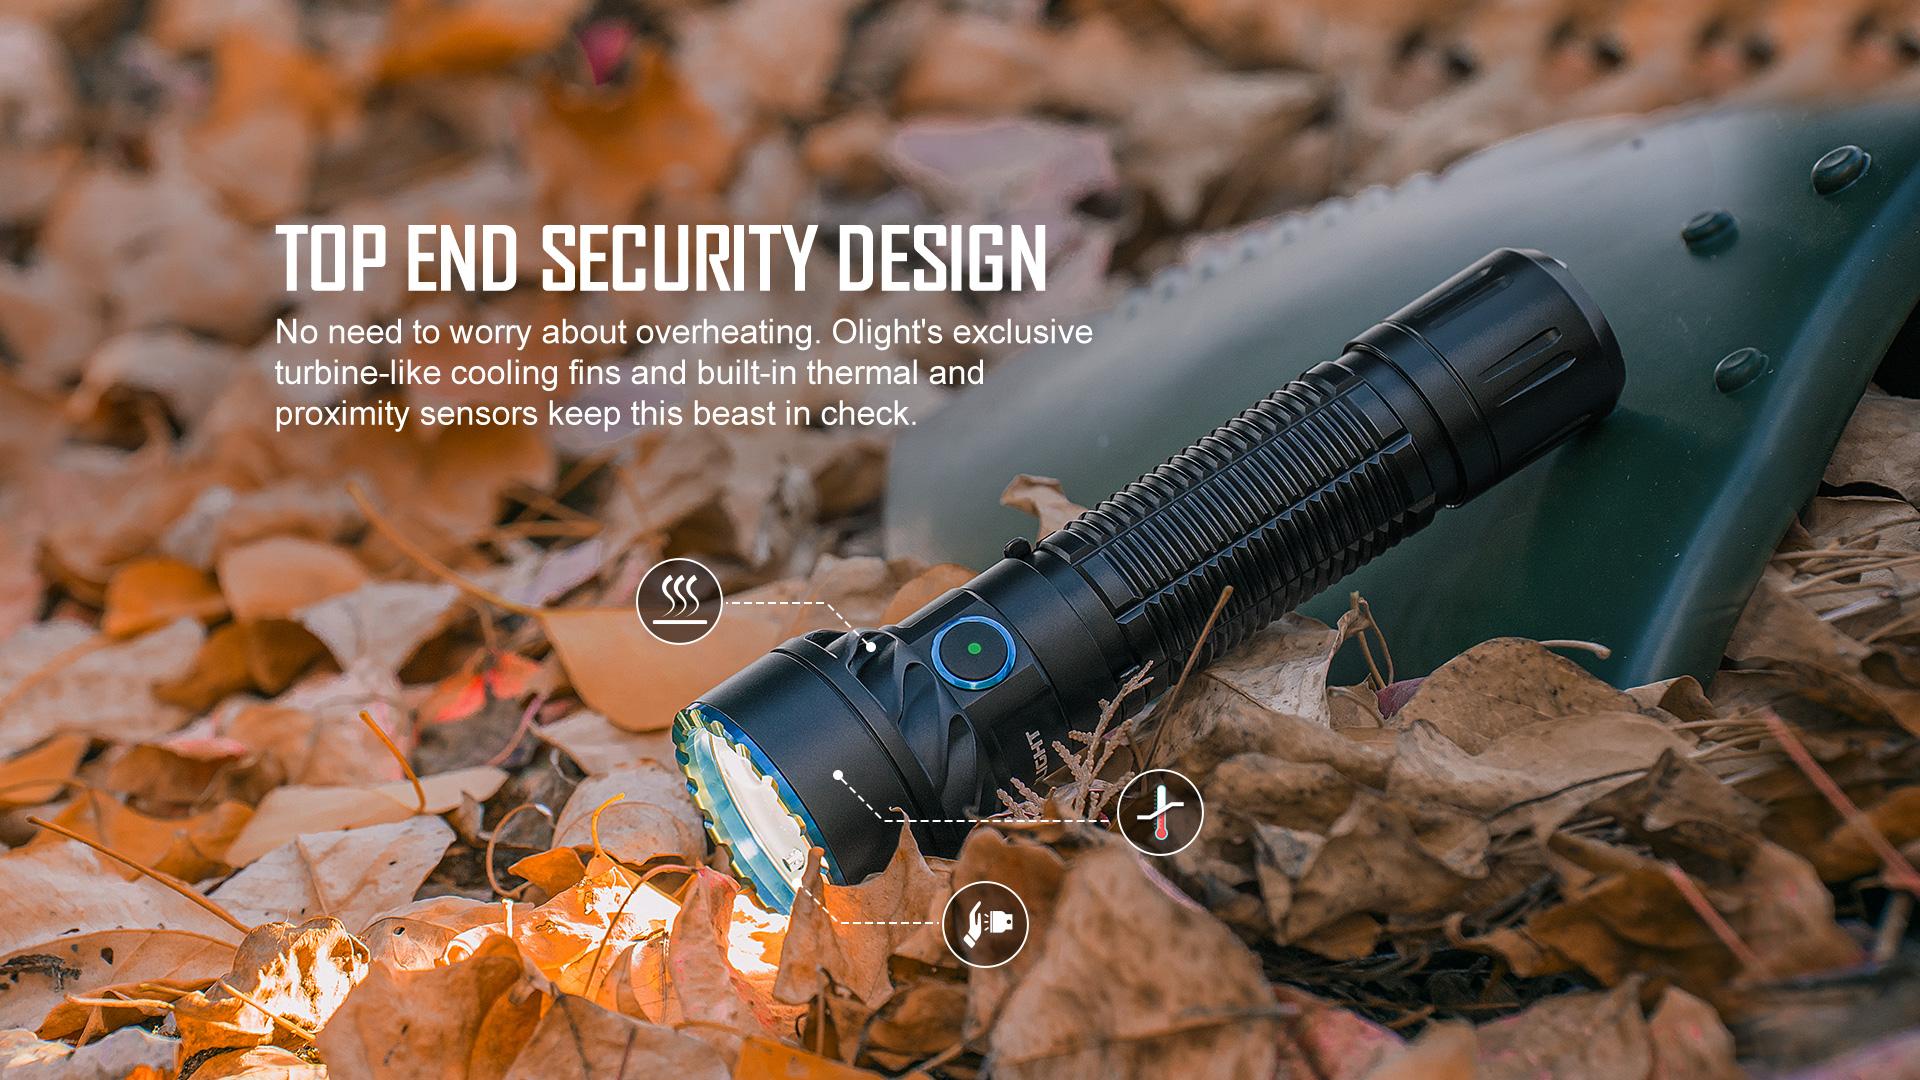 Olight Freyr has high-end security settings